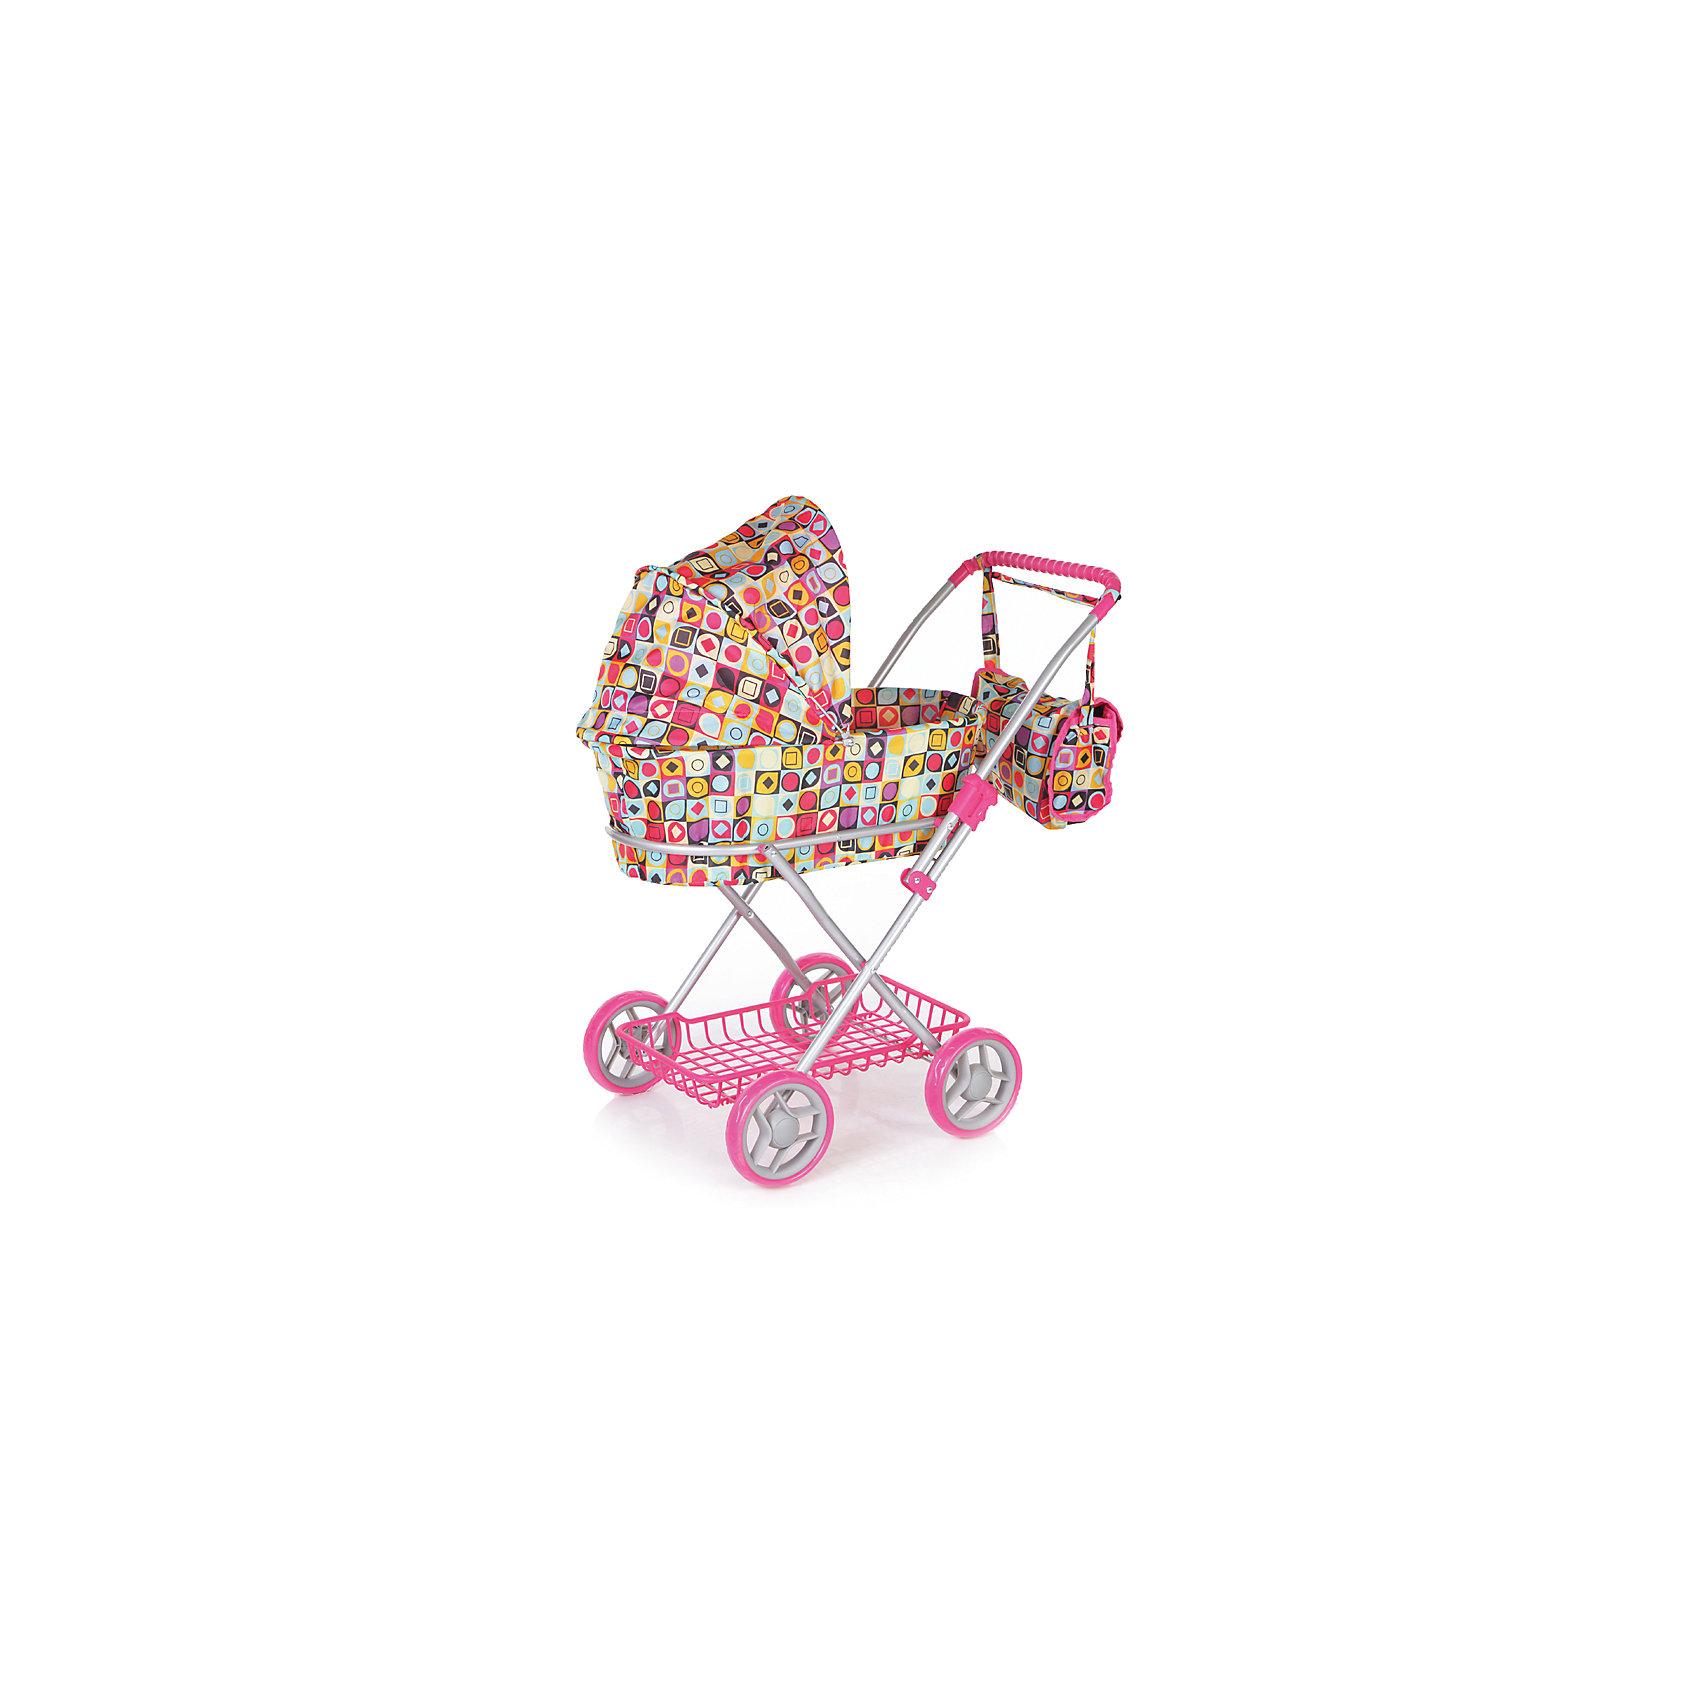 Коляска для кукол Классическая, с сумкой, Melobo, h=68,5Коляска для кукол Классическая, с сумкой, Melobo<br>Яркая розовая классическая коляска для кукол Melobo, так понравится вашим куклам, что они не захотят уходить с прогулки! Коляска выглядит совсем как настоящая, а высококачественные материалы прочны и безопасны для детей. Надежный каркас из металла позволит коляске прослужить долго. Обивка снимается, ее можно стирать. В коляске предусмотен откидной козырек, корзина для игрушек и сумка на ручке коляски в тон. В сумку можно положить бутылочку для куклы, салфетки и все необходимое для для игры в дочки-матери.<br>Дополнительная информация:<br><br>- Материал: пластик, текстиль, металл <br>- Габариты коляски: 55 x 27 x 18 см<br>- Высота до ручки 68 см.<br>Коляску для кукол Классическая, с сумкой, Melobo можно купить в нашем интернет-магазине.<br>Подробнее:<br>• Для детей в возрасте: от 3 до 6 лет<br>• Номер товара: 4809911<br>Страна производитель: Китай<br><br>Ширина мм: 50<br>Глубина мм: 42<br>Высота мм: 65<br>Вес г: 3130<br>Возраст от месяцев: 24<br>Возраст до месяцев: 72<br>Пол: Женский<br>Возраст: Детский<br>SKU: 4809911